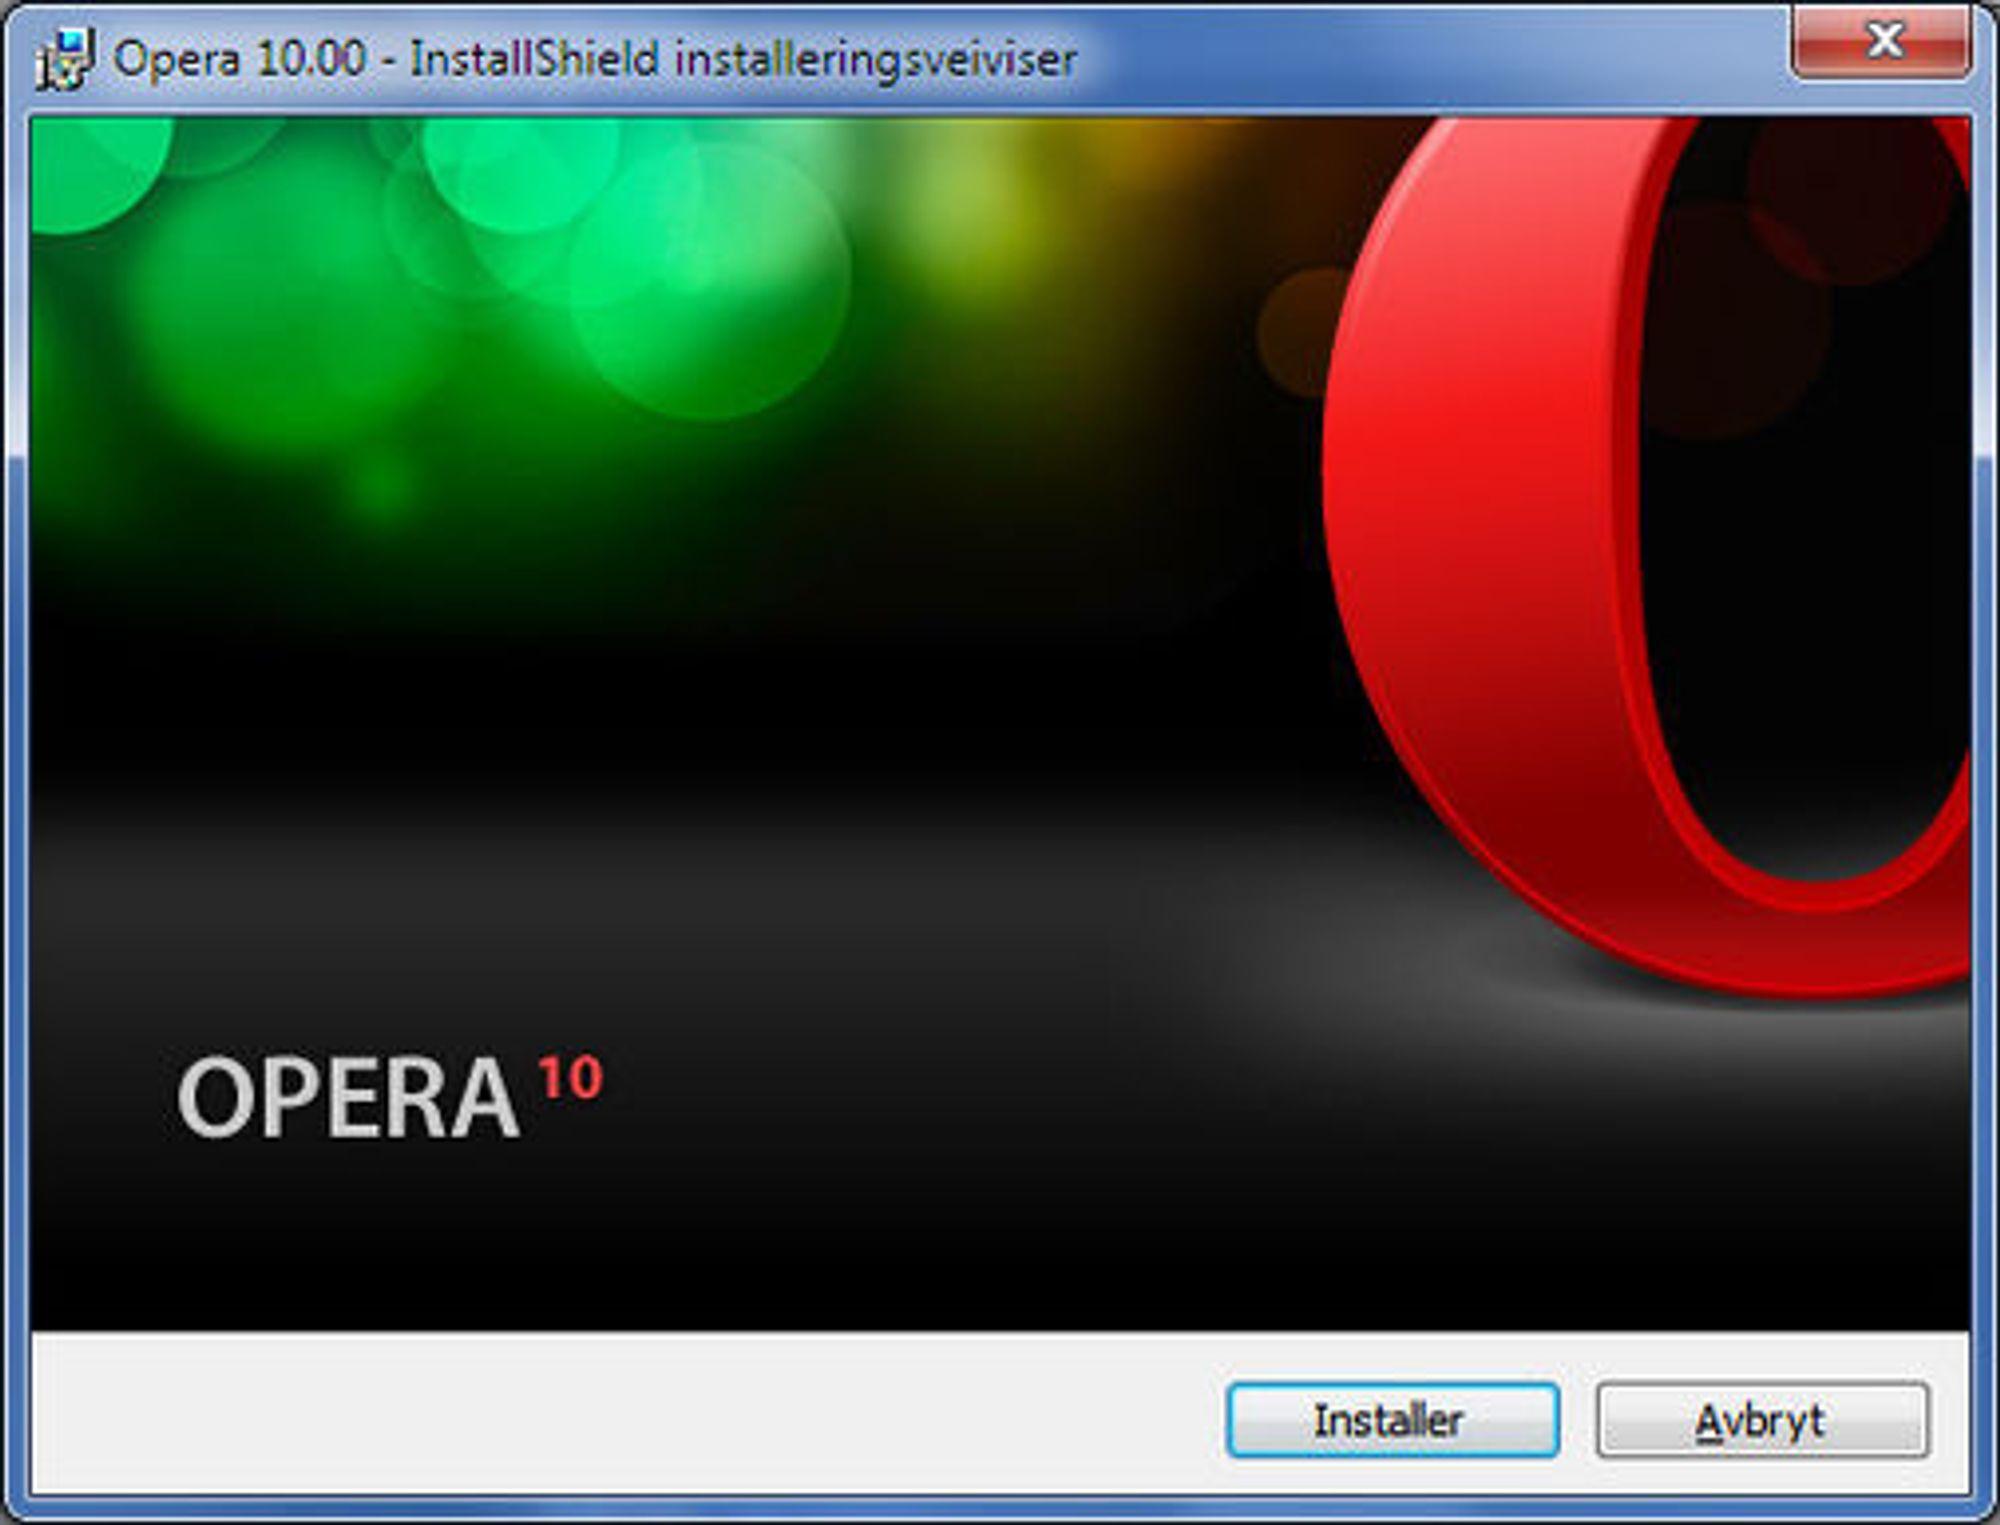 Installasjonsveiviseren til Opera 10 RC.